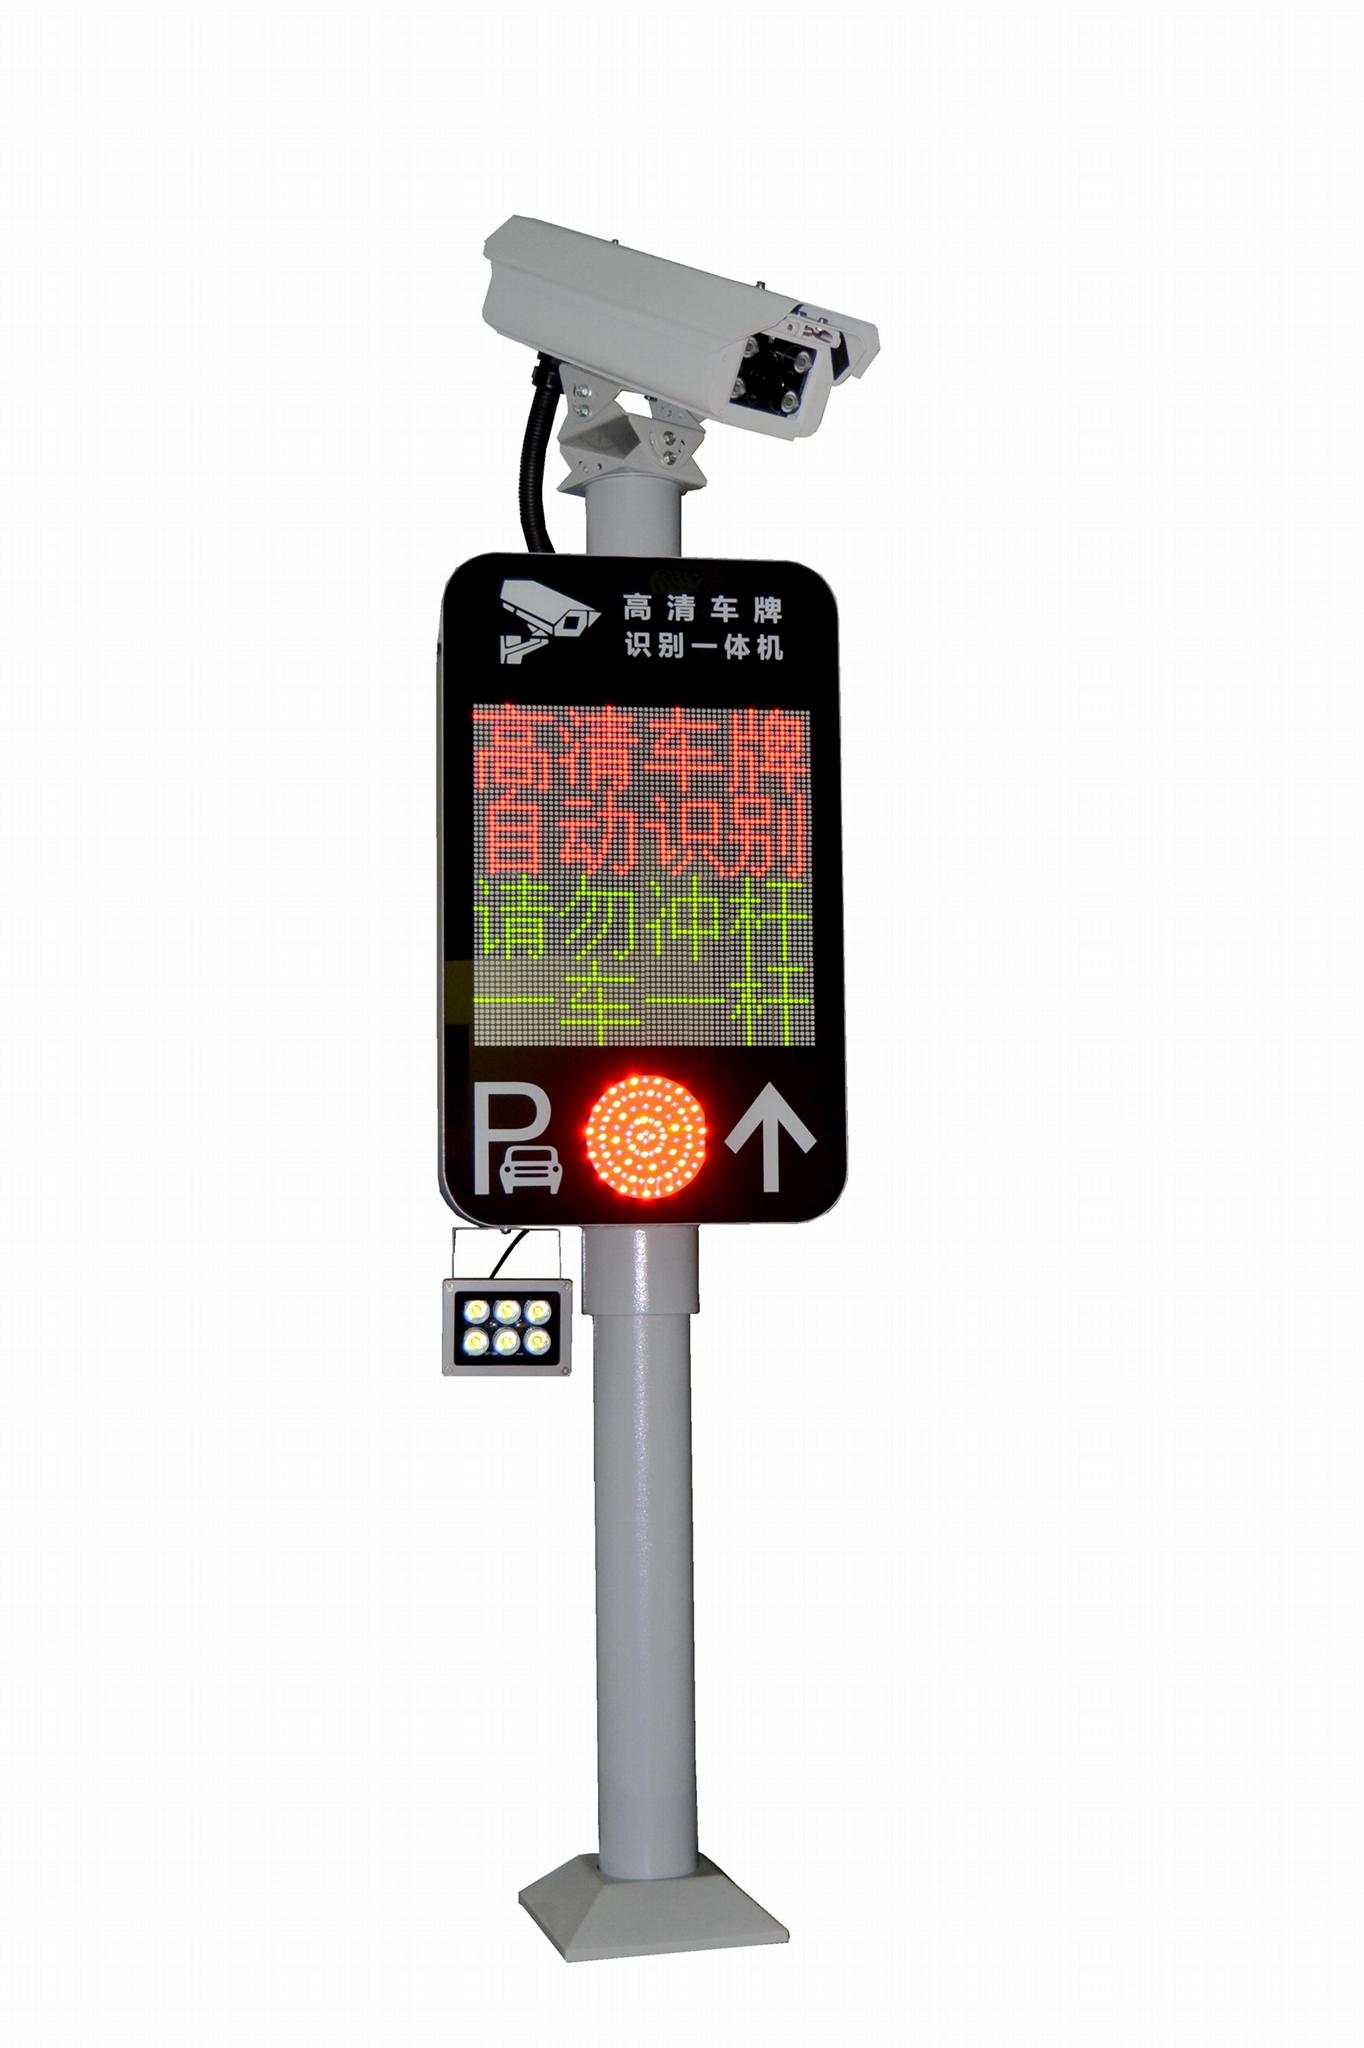 鄭州車牌識別停車場系統 1